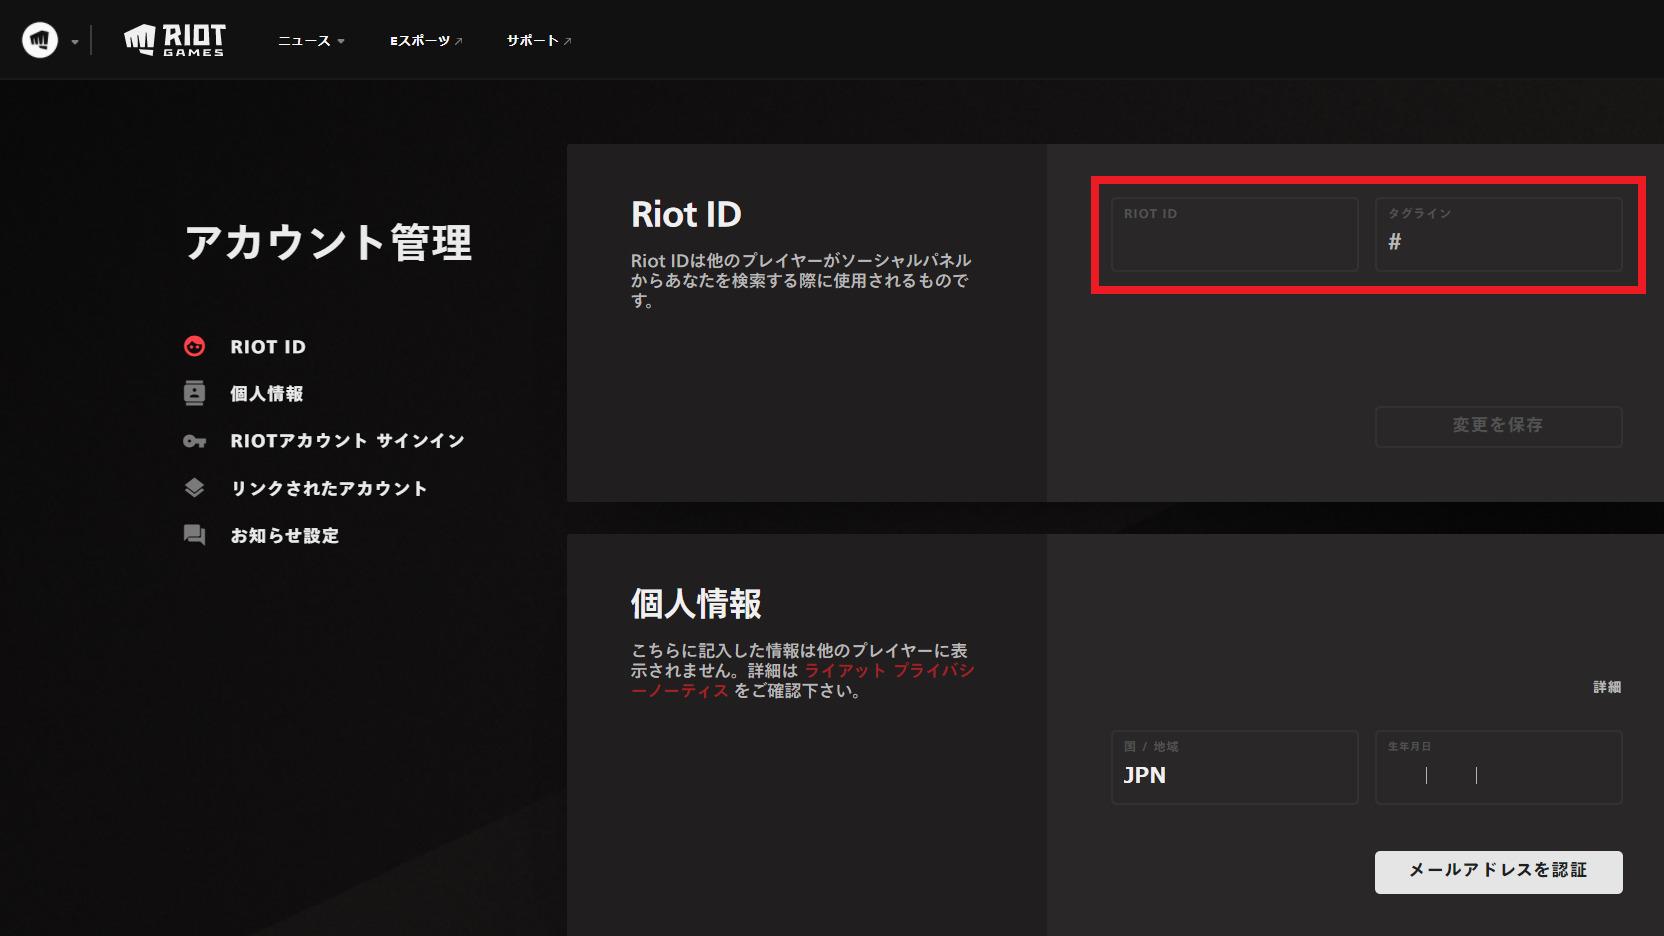 【ヴァロラント】名前(Riot ID)の変更方法と注意点!#4桁数字(タグライン)は変更できる?【VALORANT】